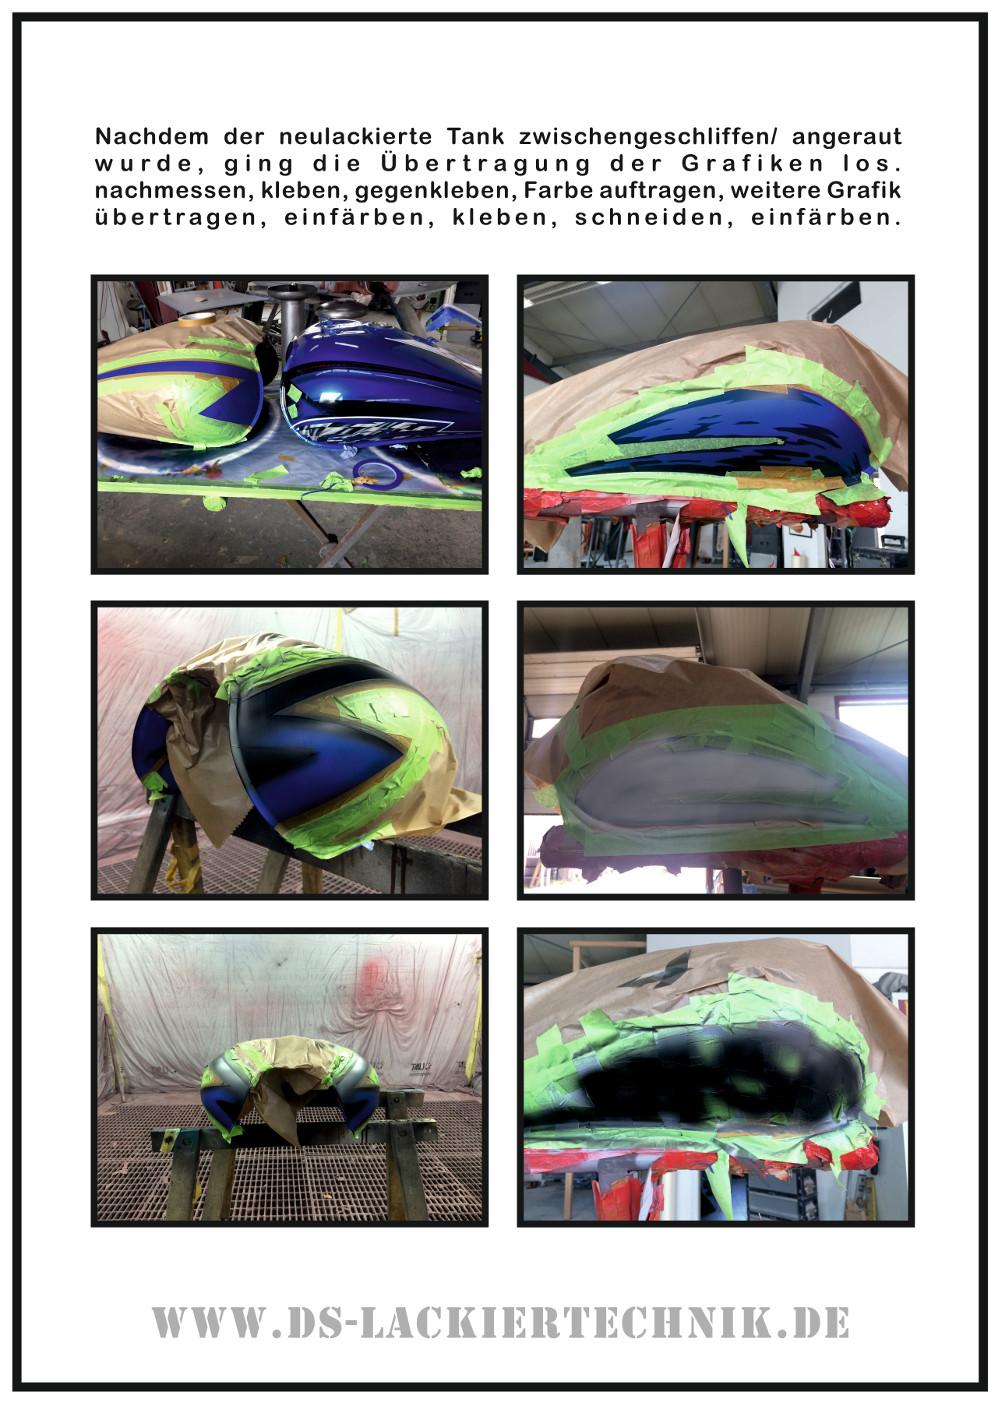 Motorrad Airbrush! Unfallschaden, Airbrush komplett erneuert 4 Motorrad Airbrush